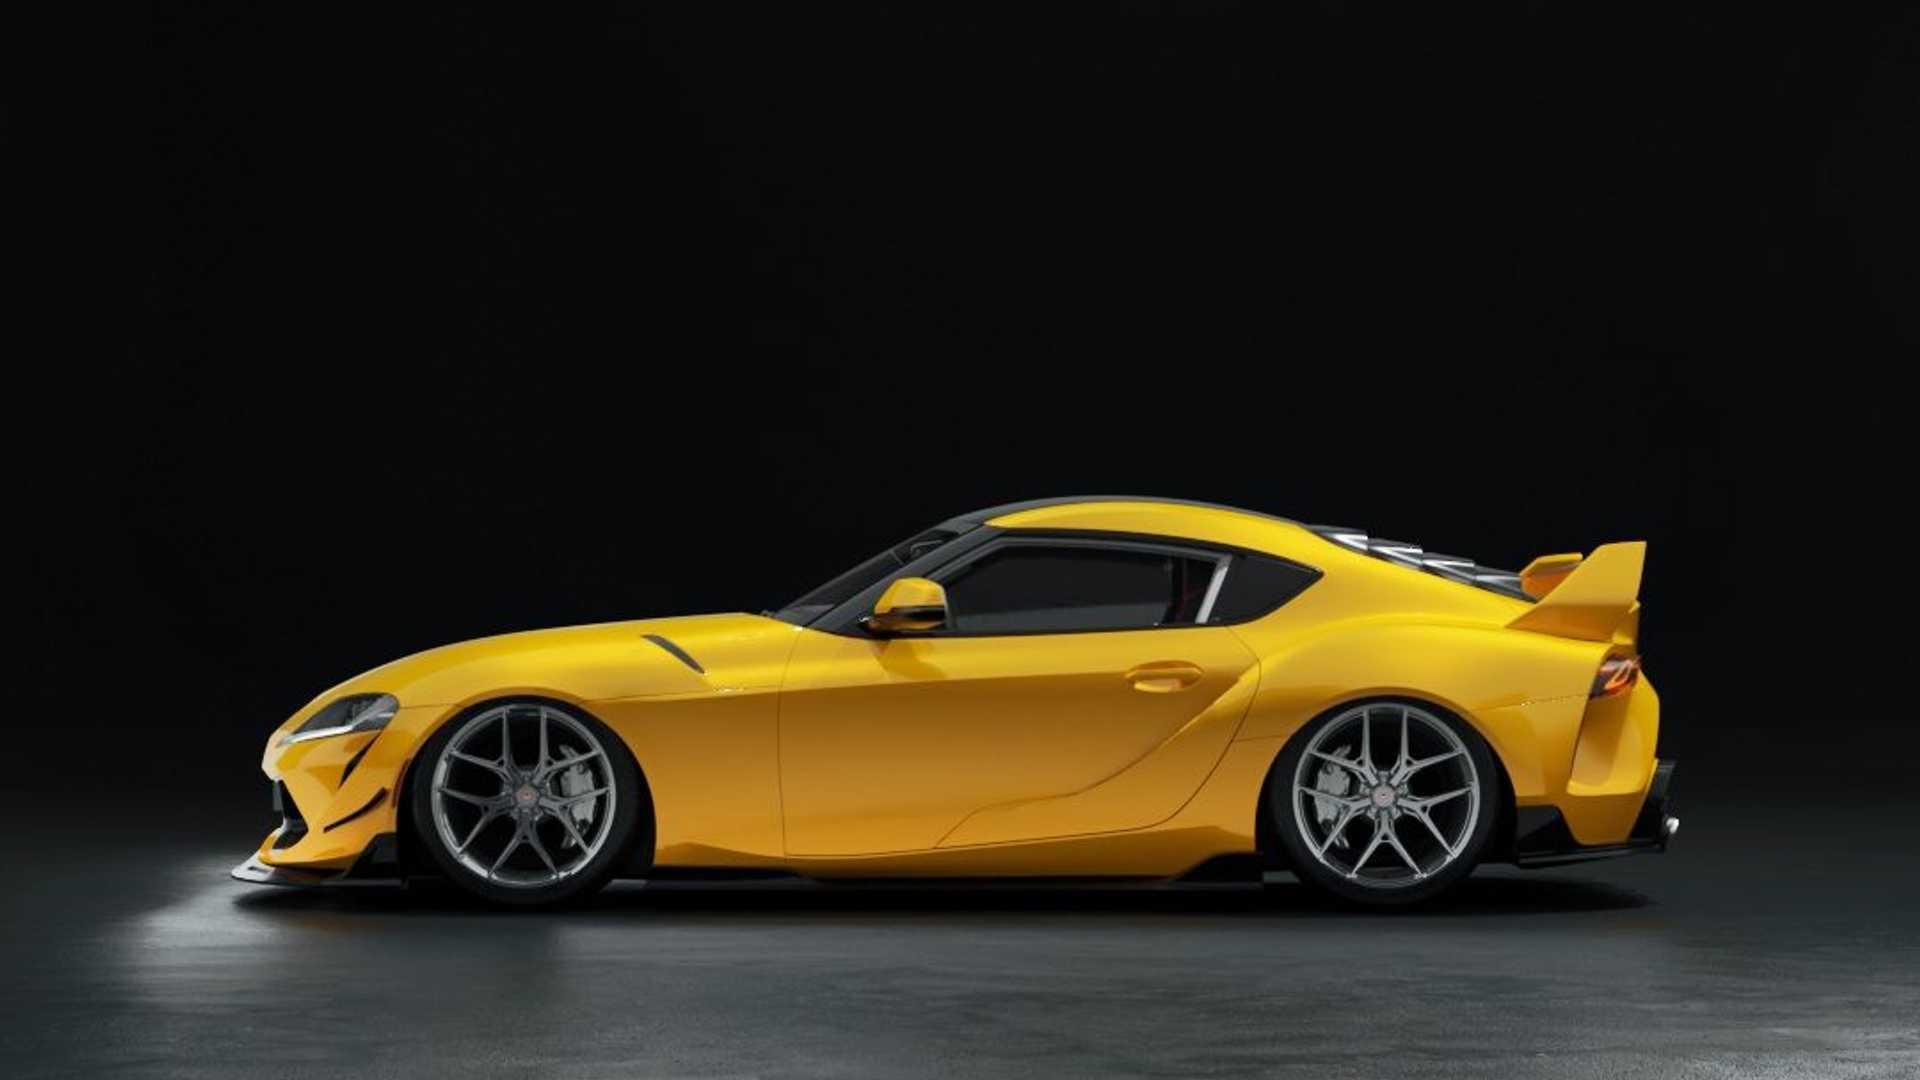 Toyota-Supra-by-Avante-Design-3